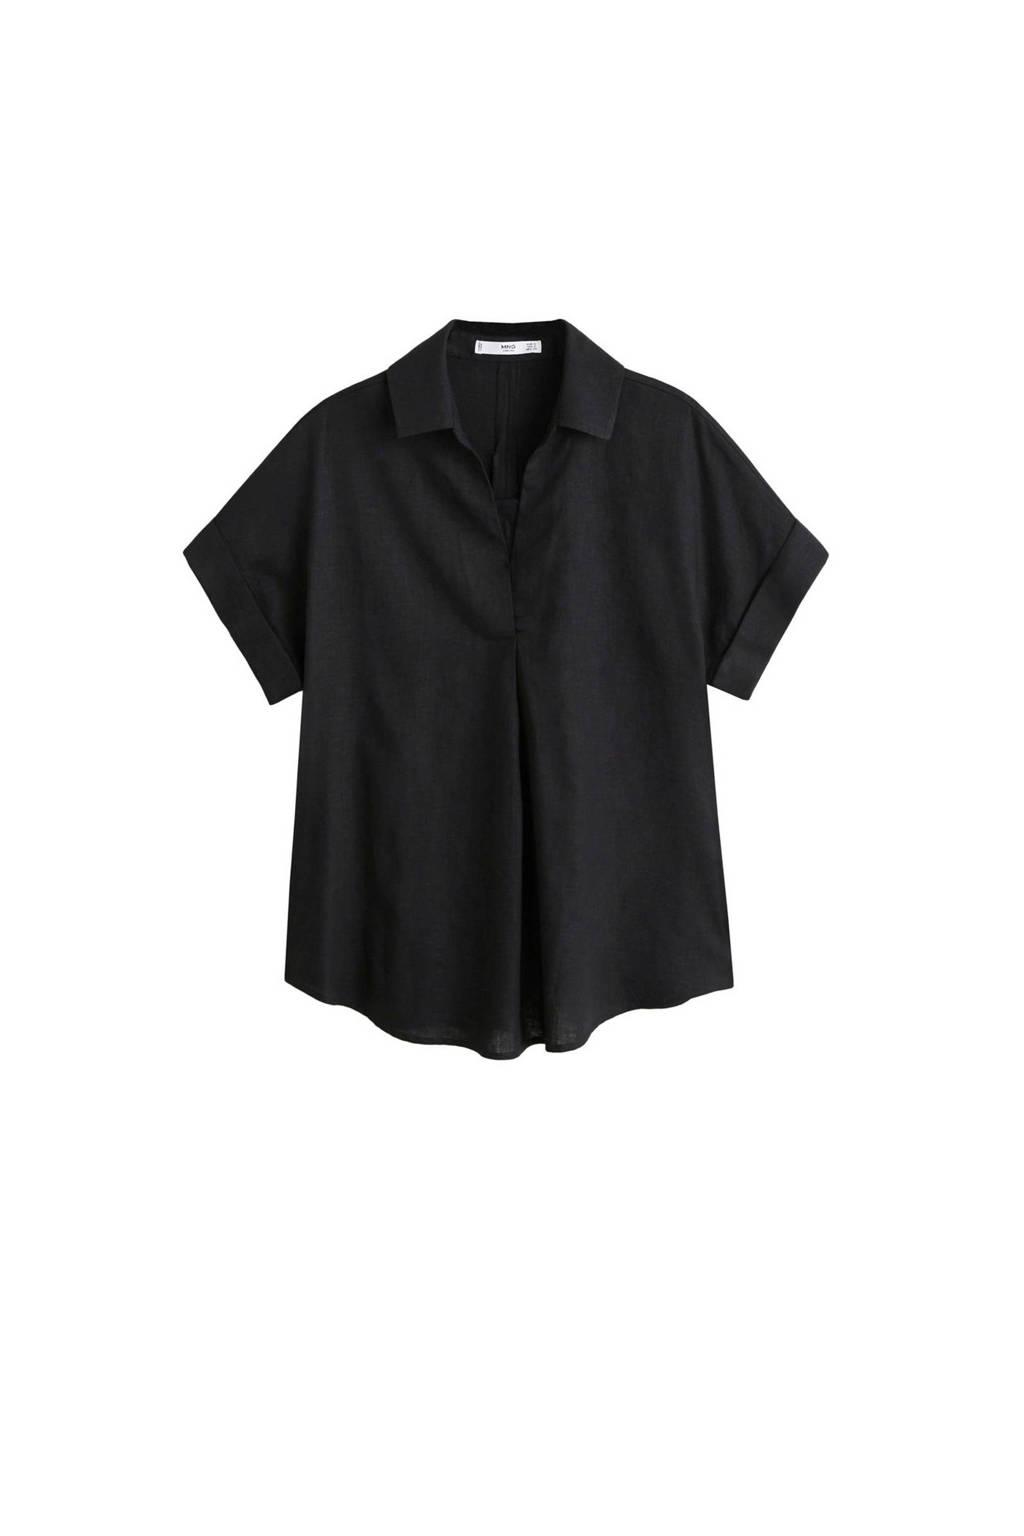 Mango linnen blouse zwart, Zwart